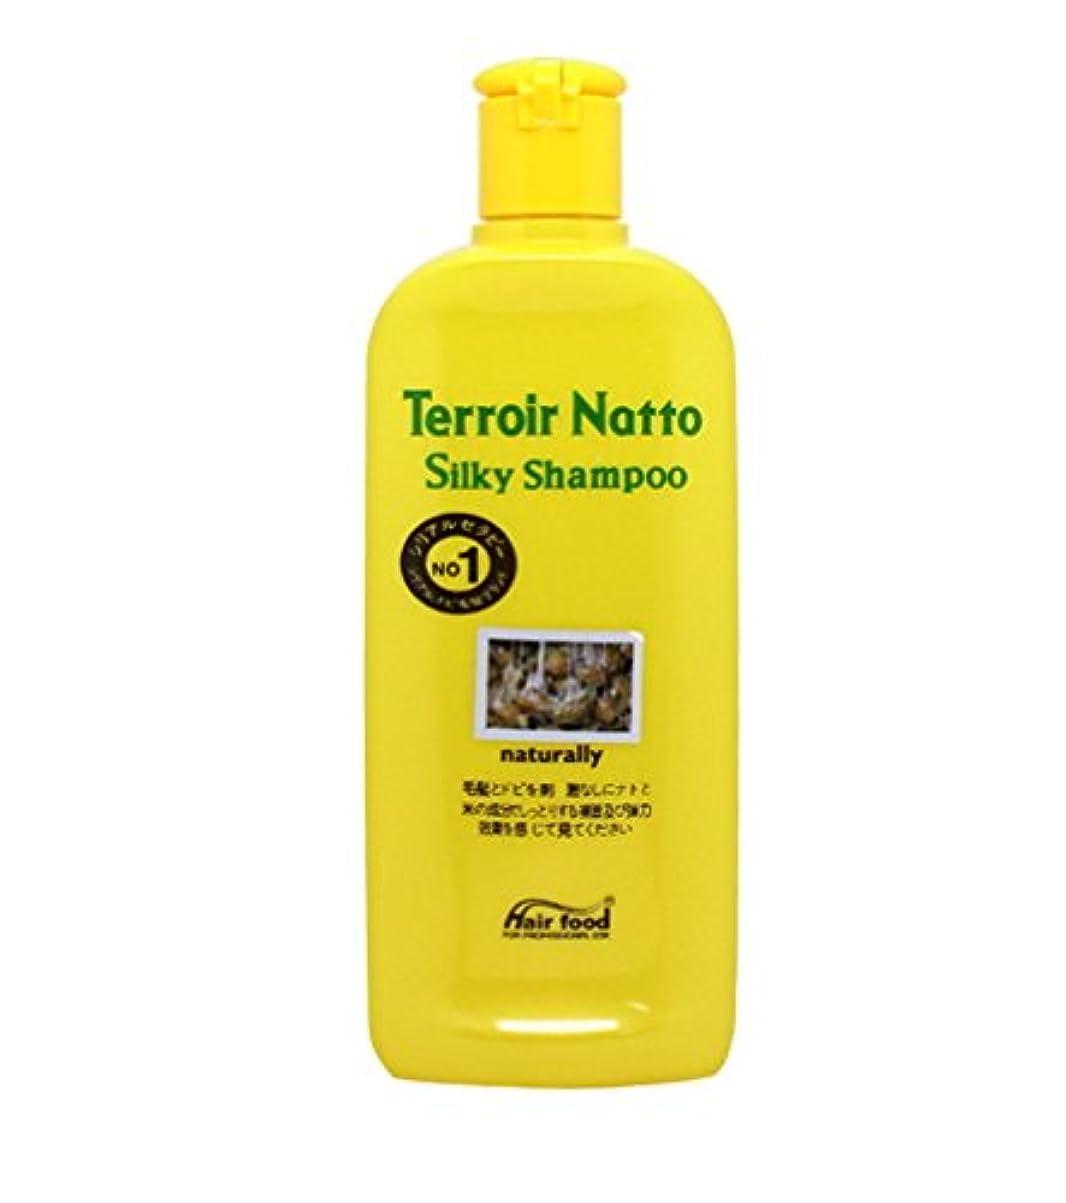 距離悲惨うつ[MEDICIJAPAN/メディシュジャパン] Hair Food Terroir Natto Silky Shampoo 200ml/ ヘアフードテロワール納豆シルキーシャンプー(海外直送品)